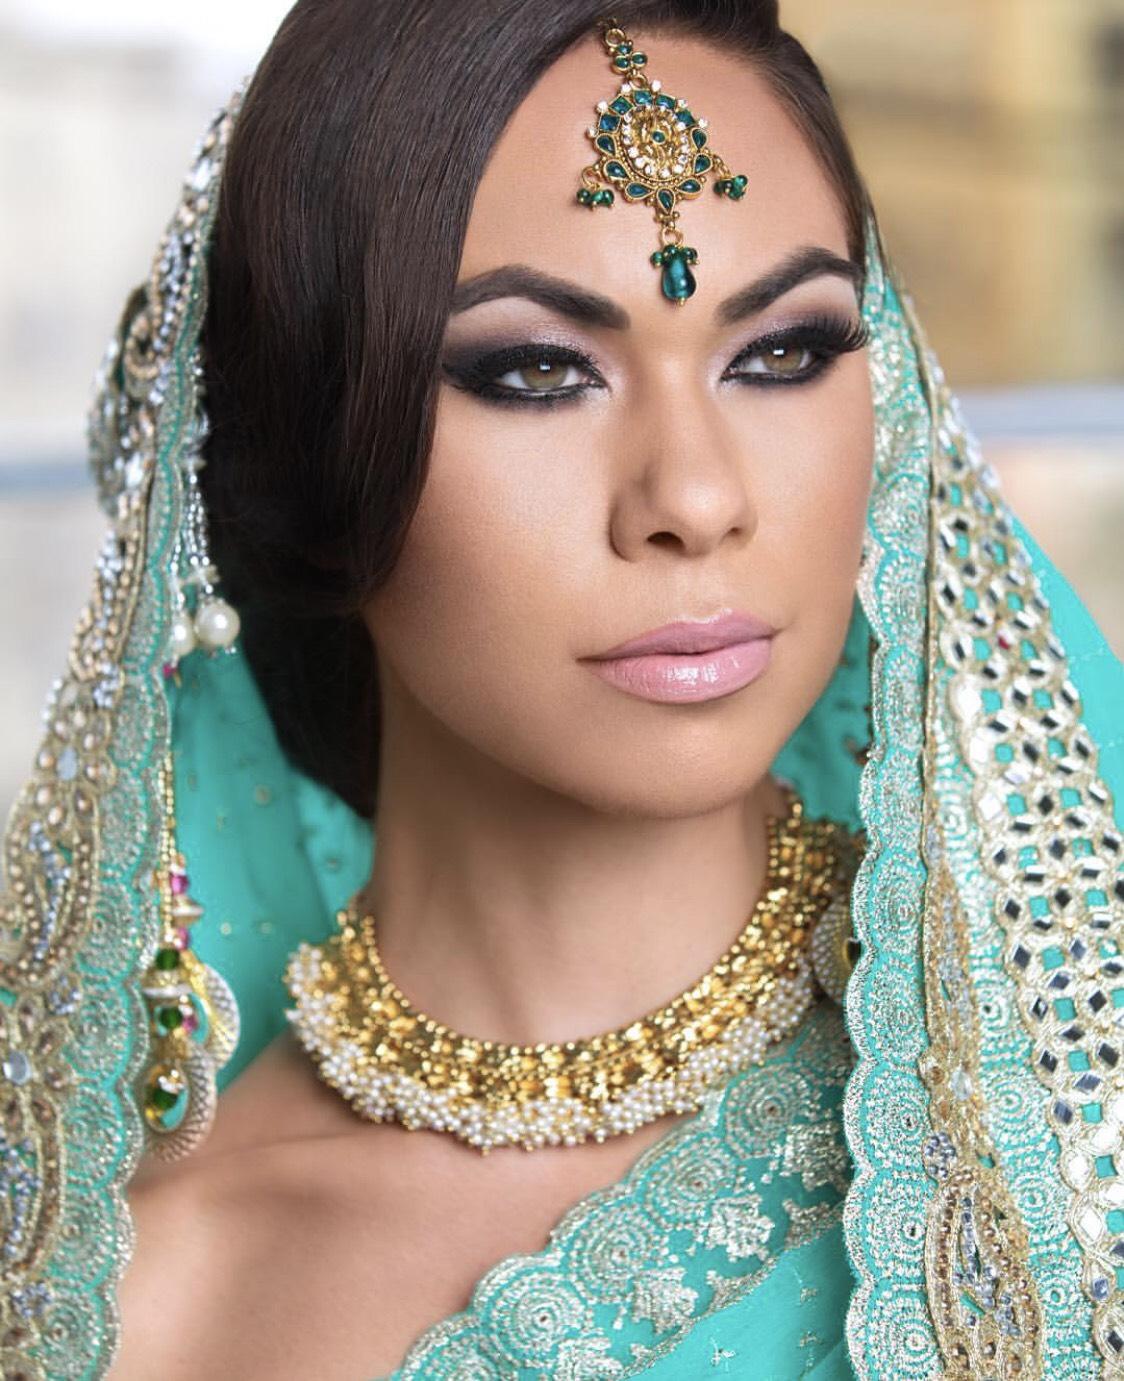 San Francisco Makeup Artist